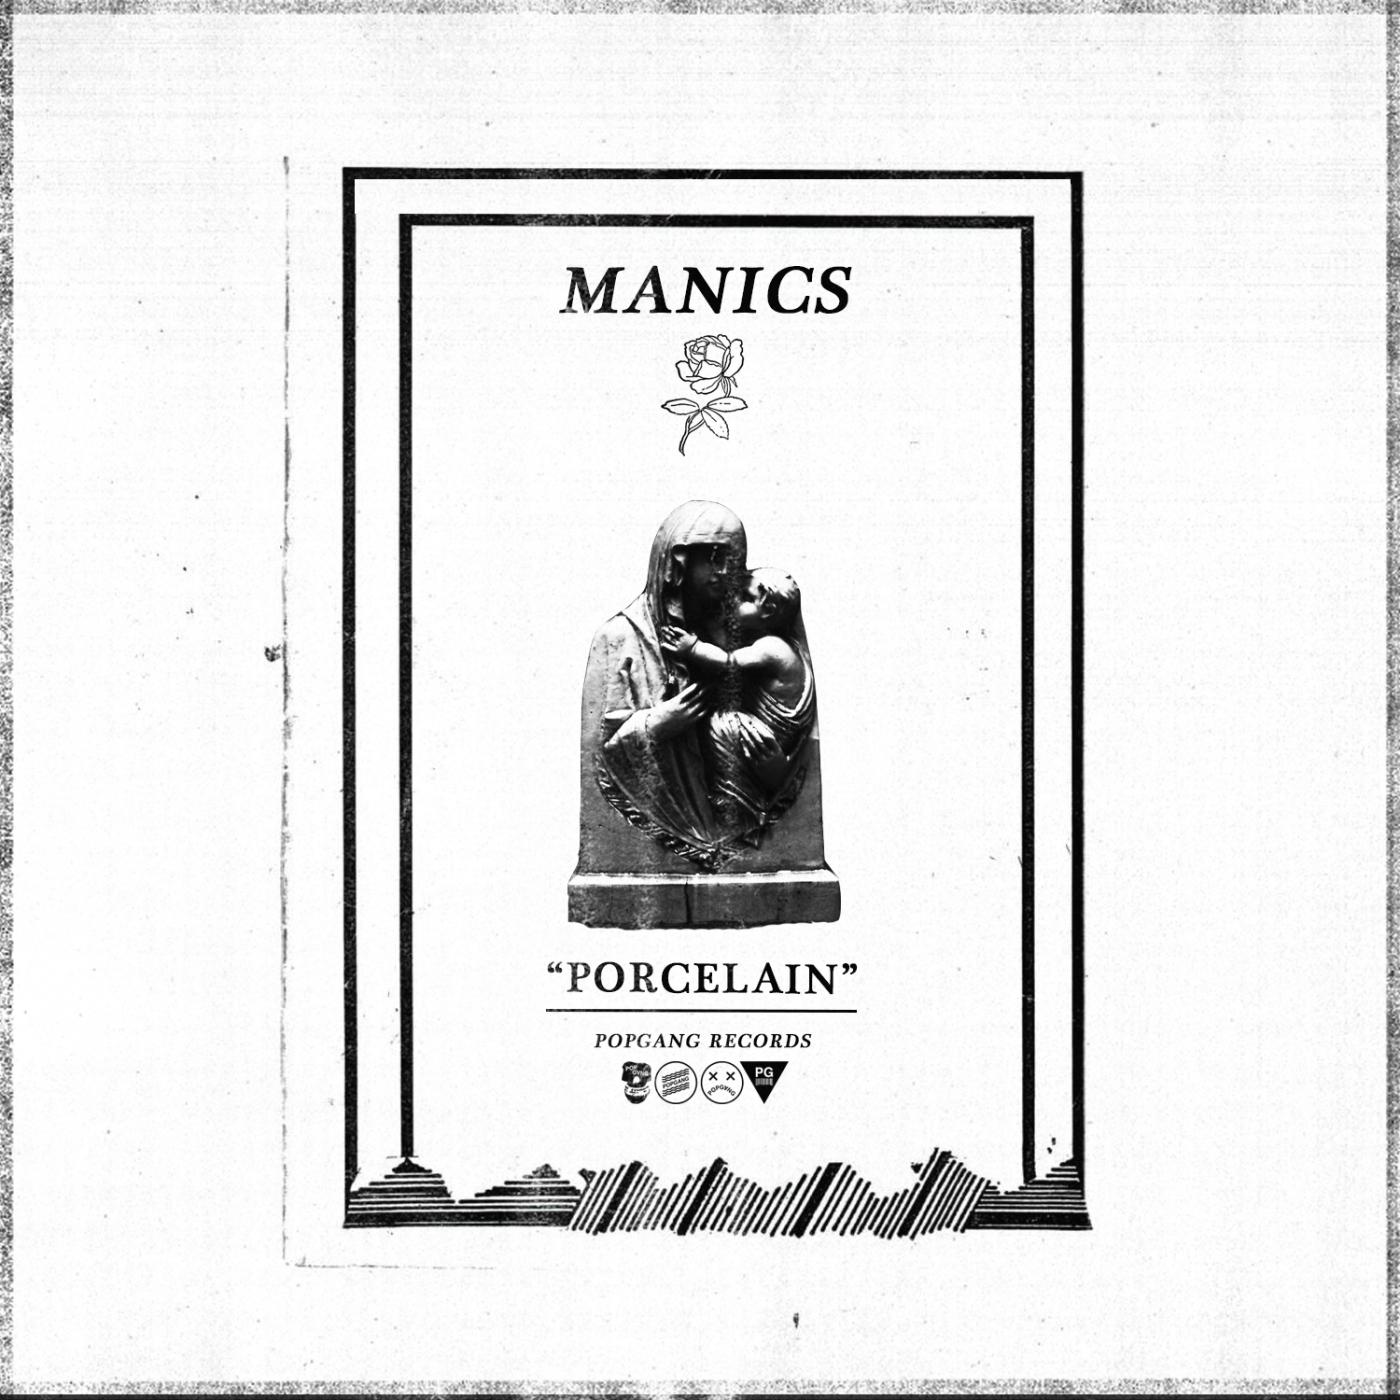 MANICS - PORCELAIN